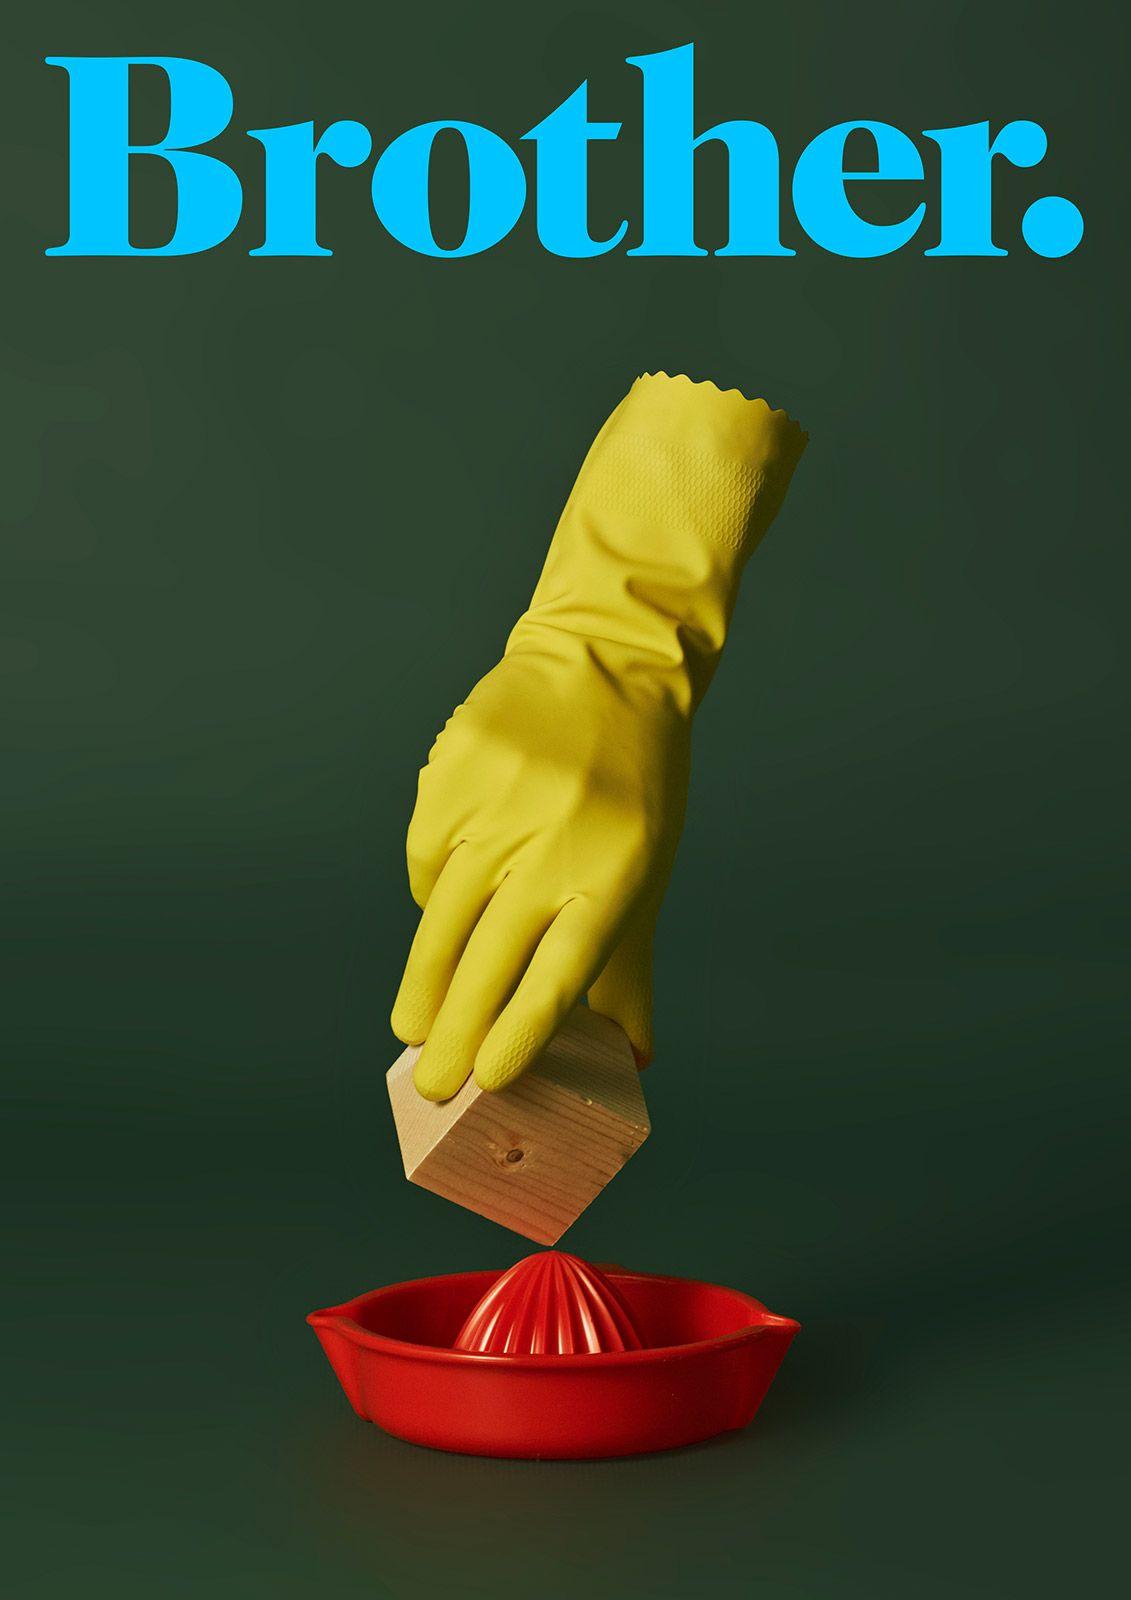 Brother Ad School by Christian Lopez Fotografía:Edu Viera #artdirector #fotografo #campaña #escapismo